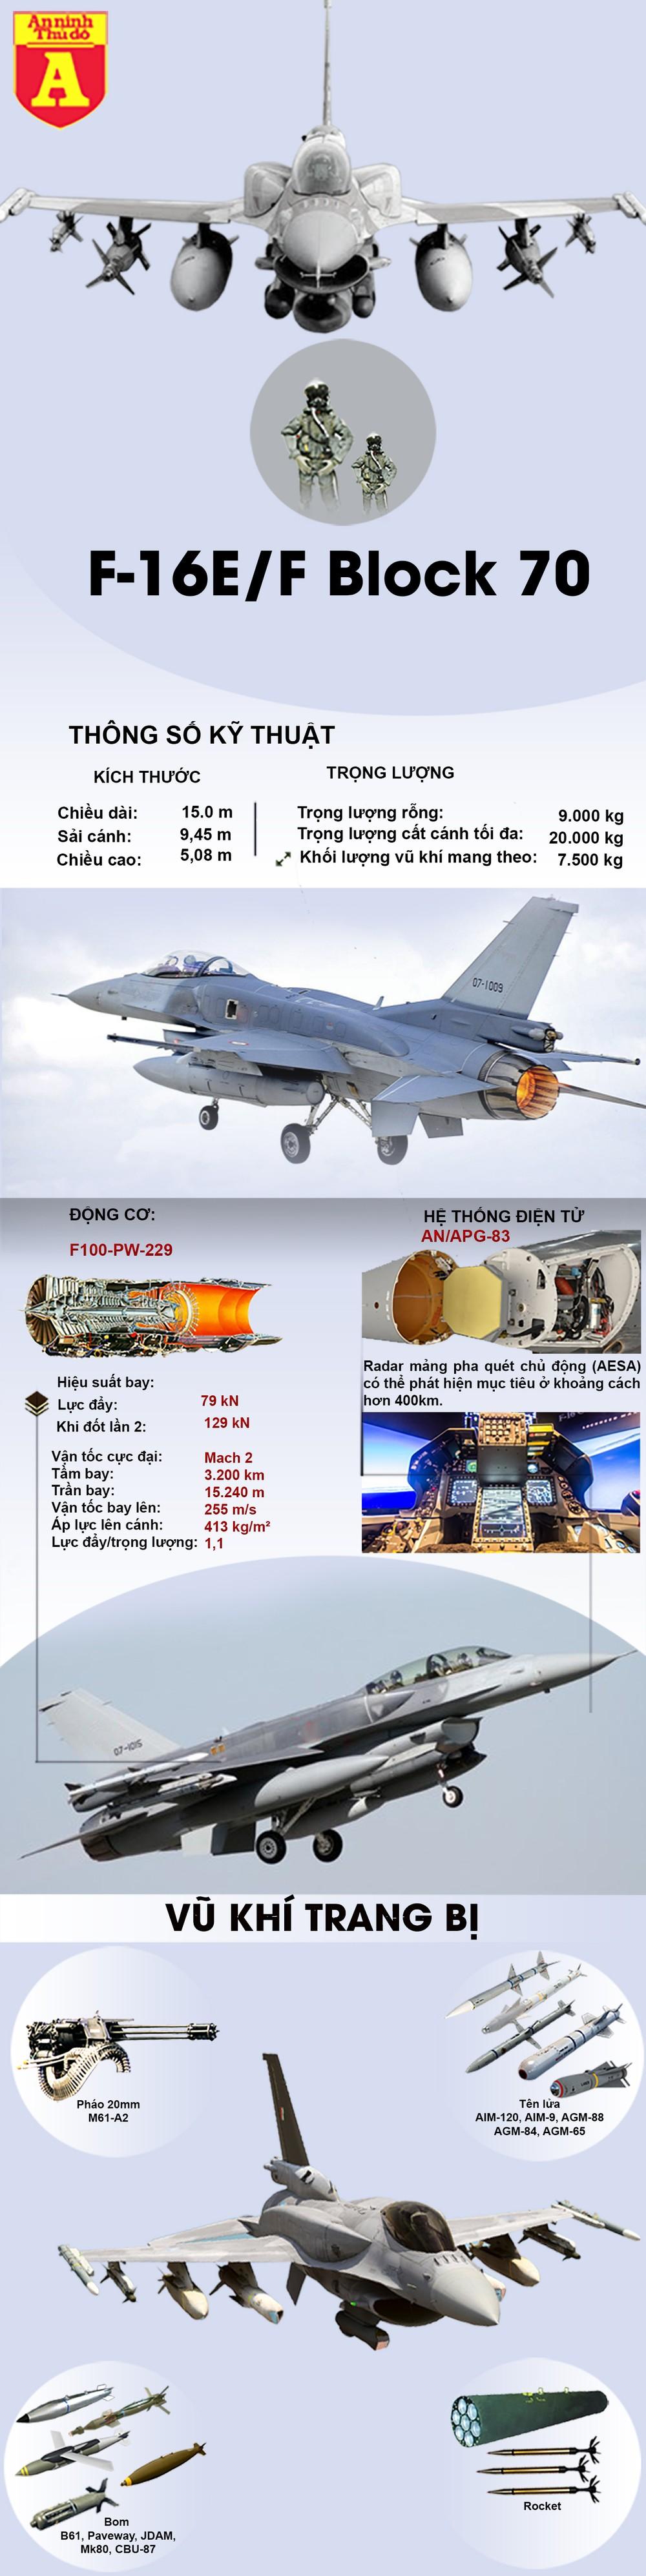 [Info] Chiến đấu cơ F-16 Mỹ đâm thủng mái nhà kho ảnh 3